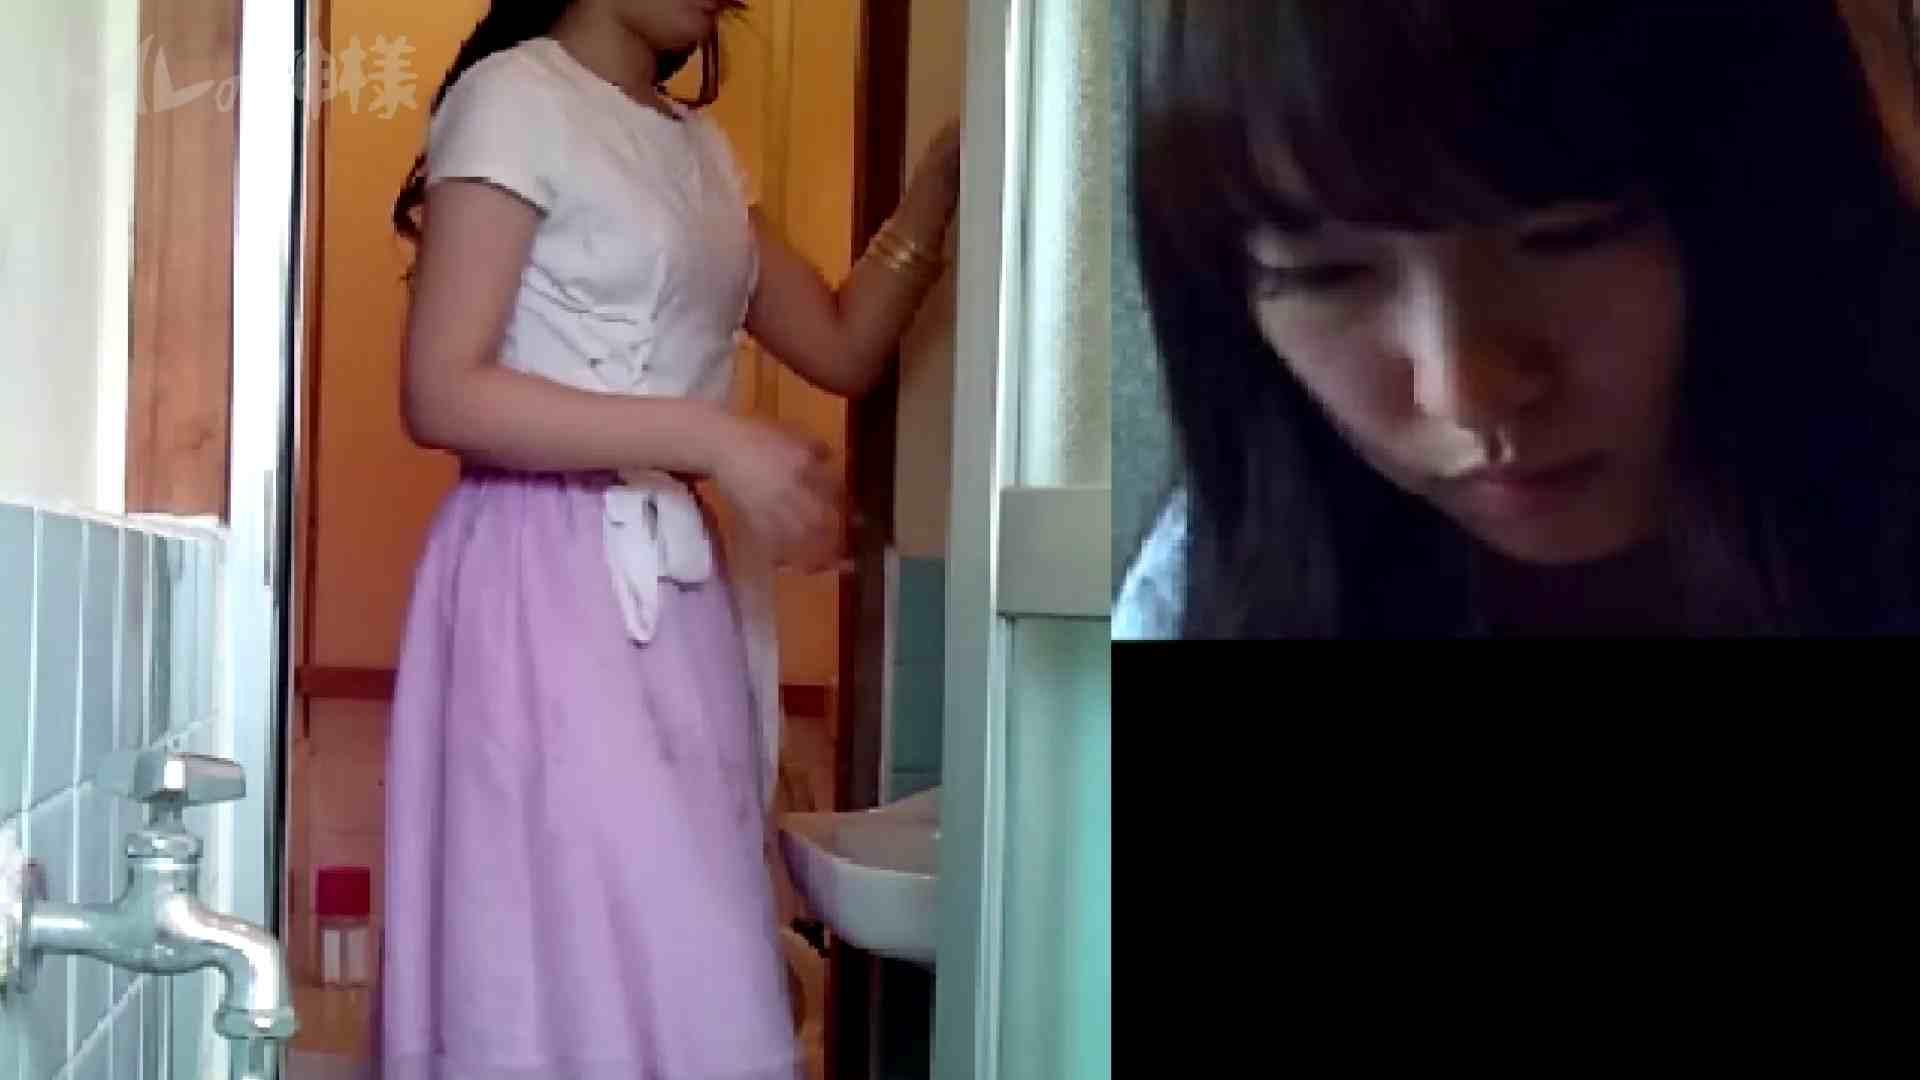 トイレの神様 Vol.09 美女のGEBOきれいに撮っています 美女達のヌード | トイレ中  75連発 4